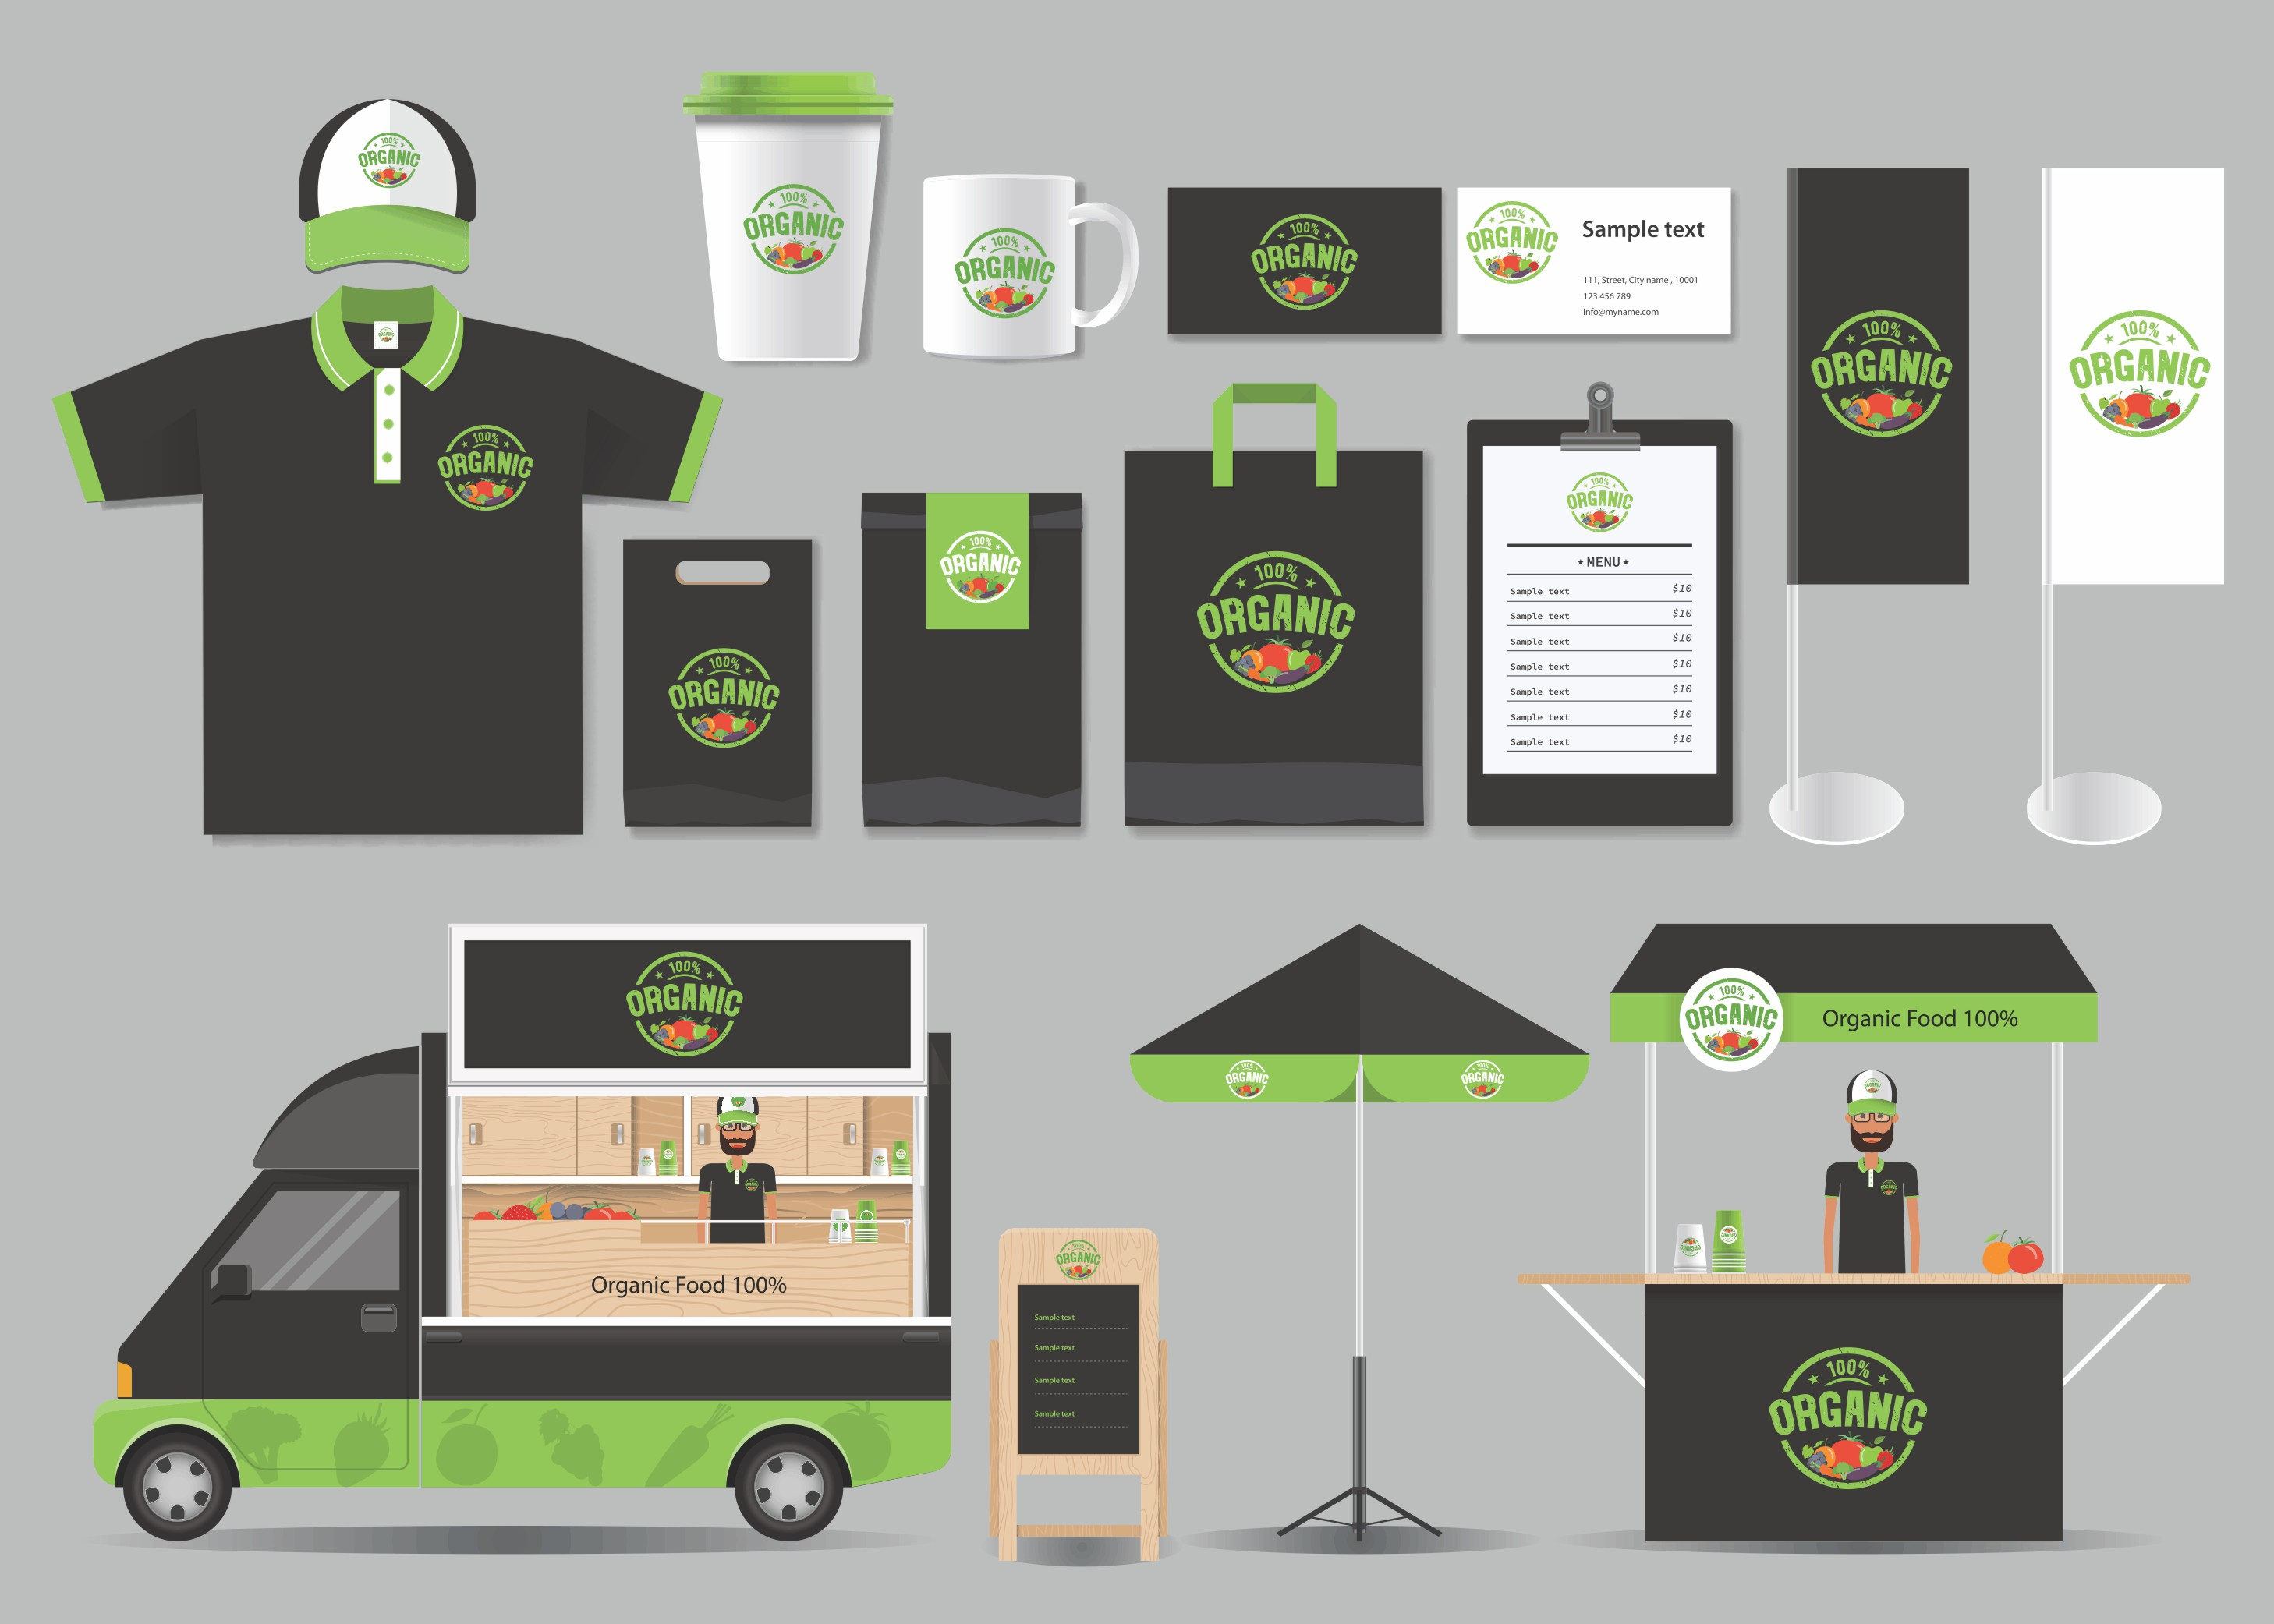 online and offline branding